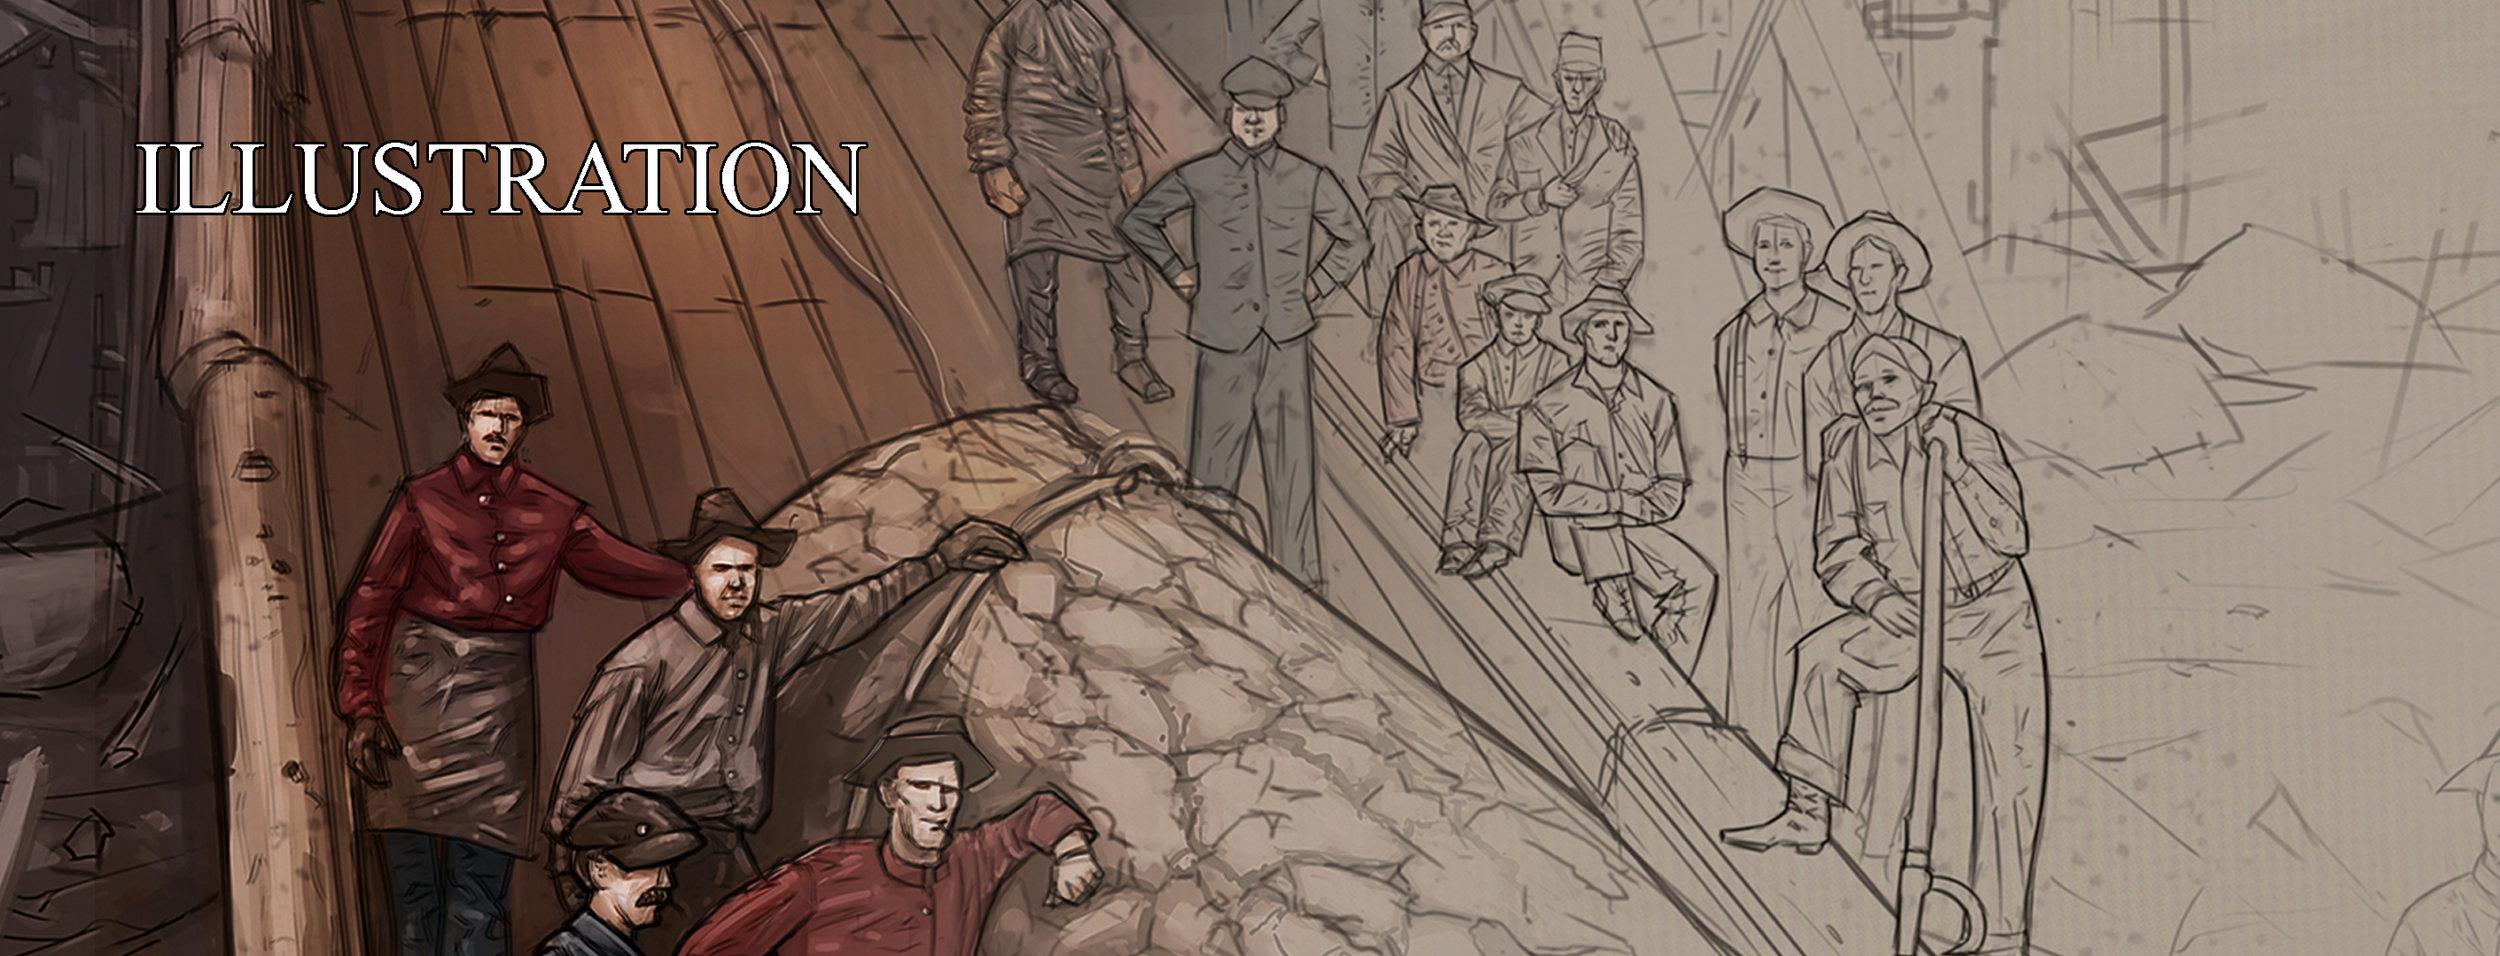 Illustration Gallery.jpg